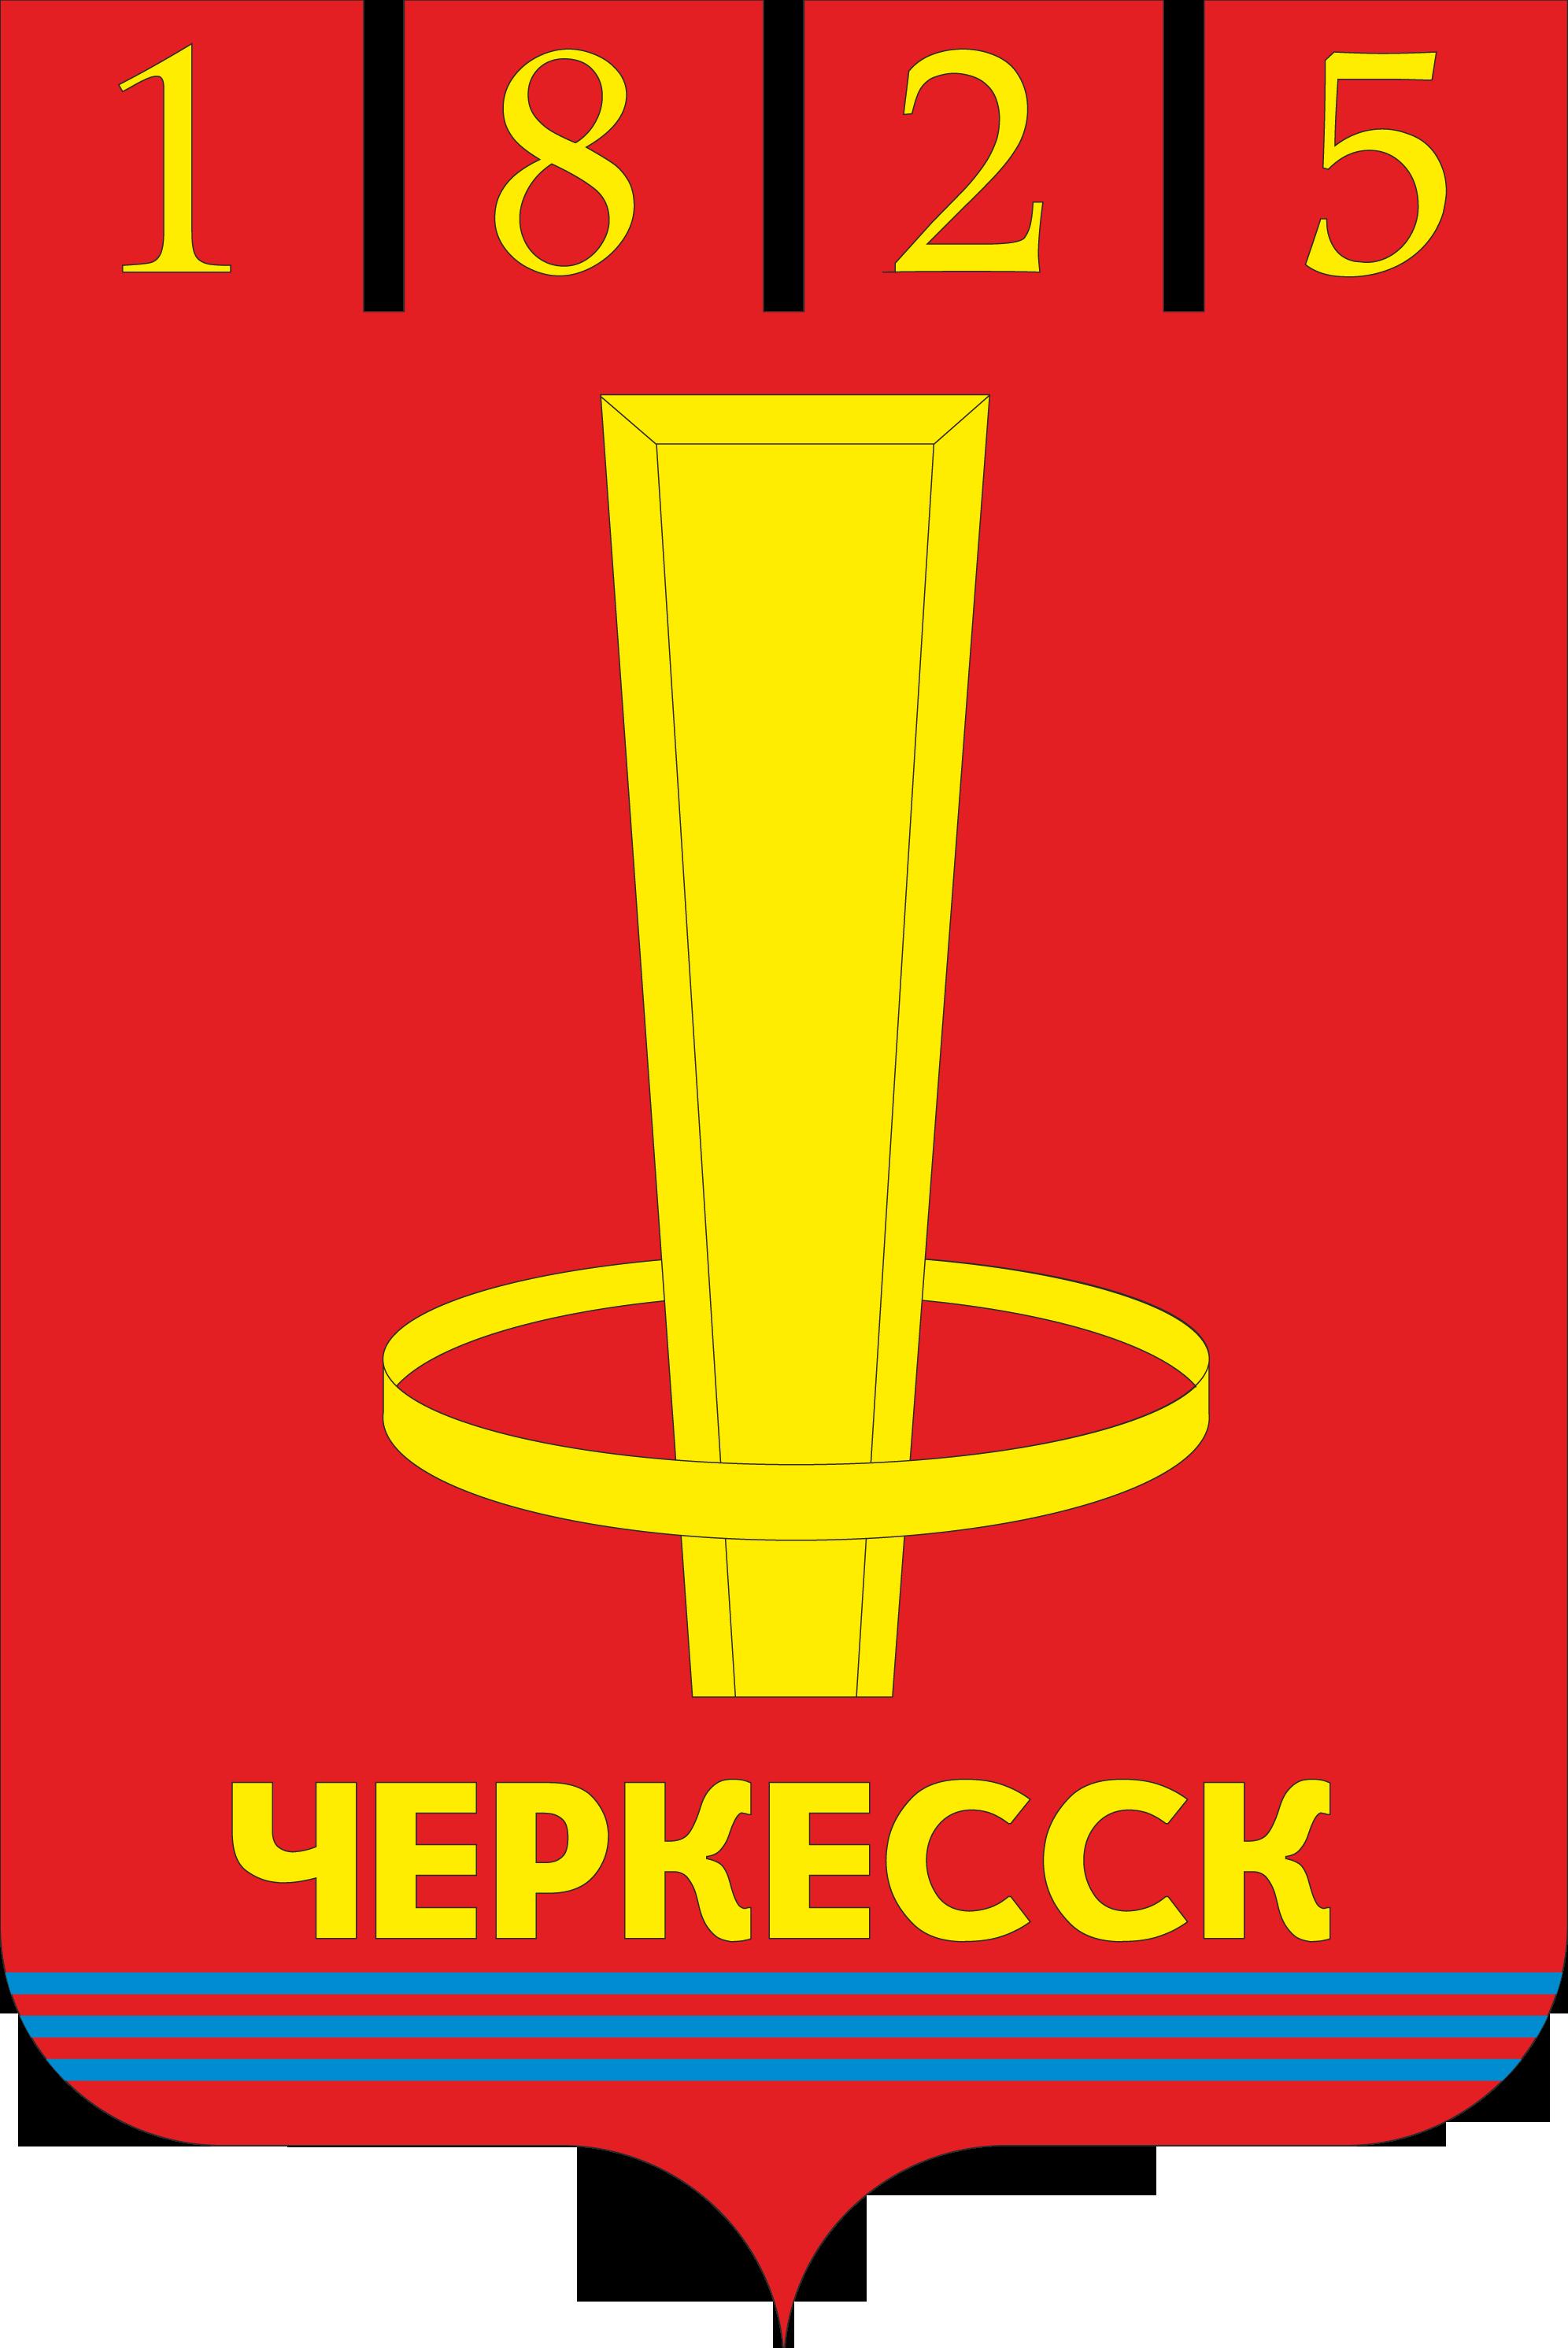 Кассовые чеки в Черкесске